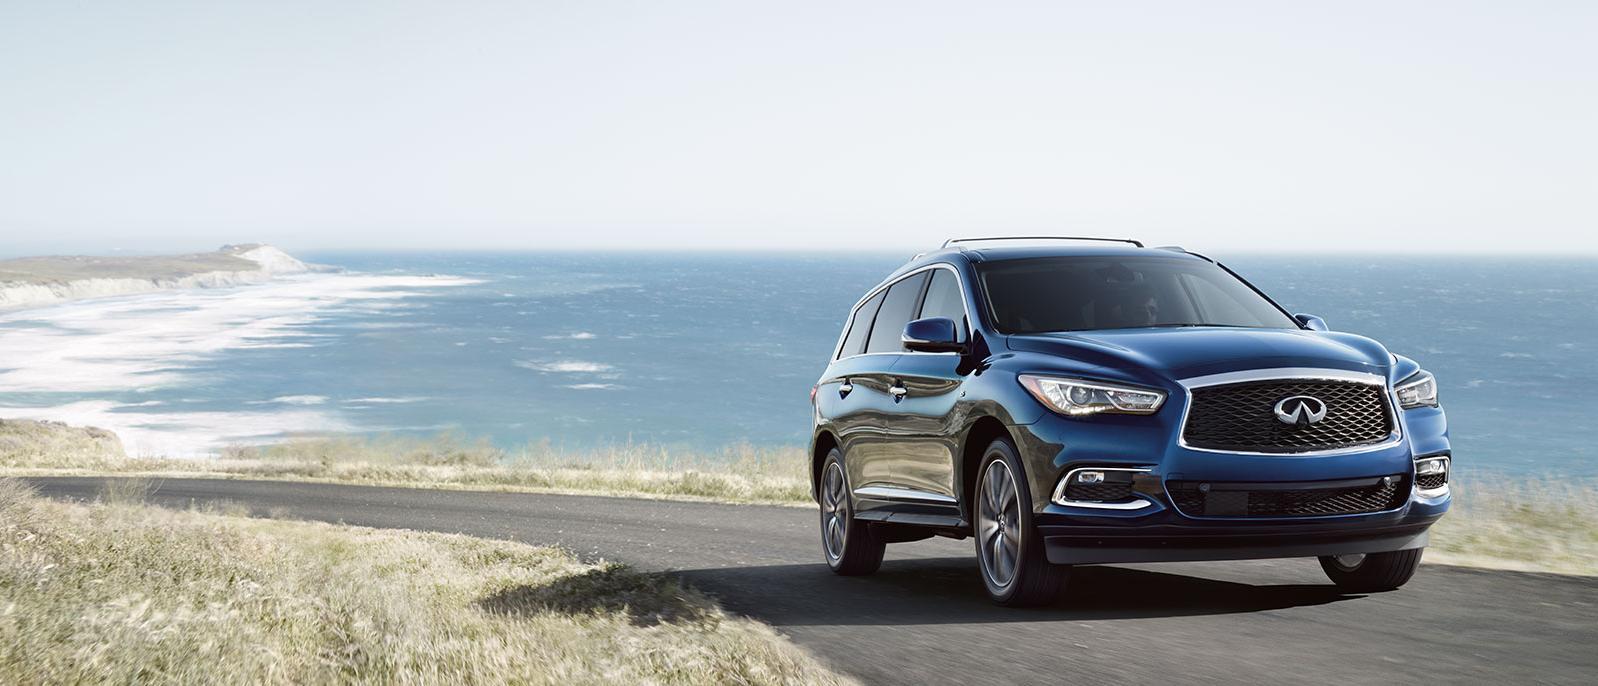 Car Lease Ny Sales Tax